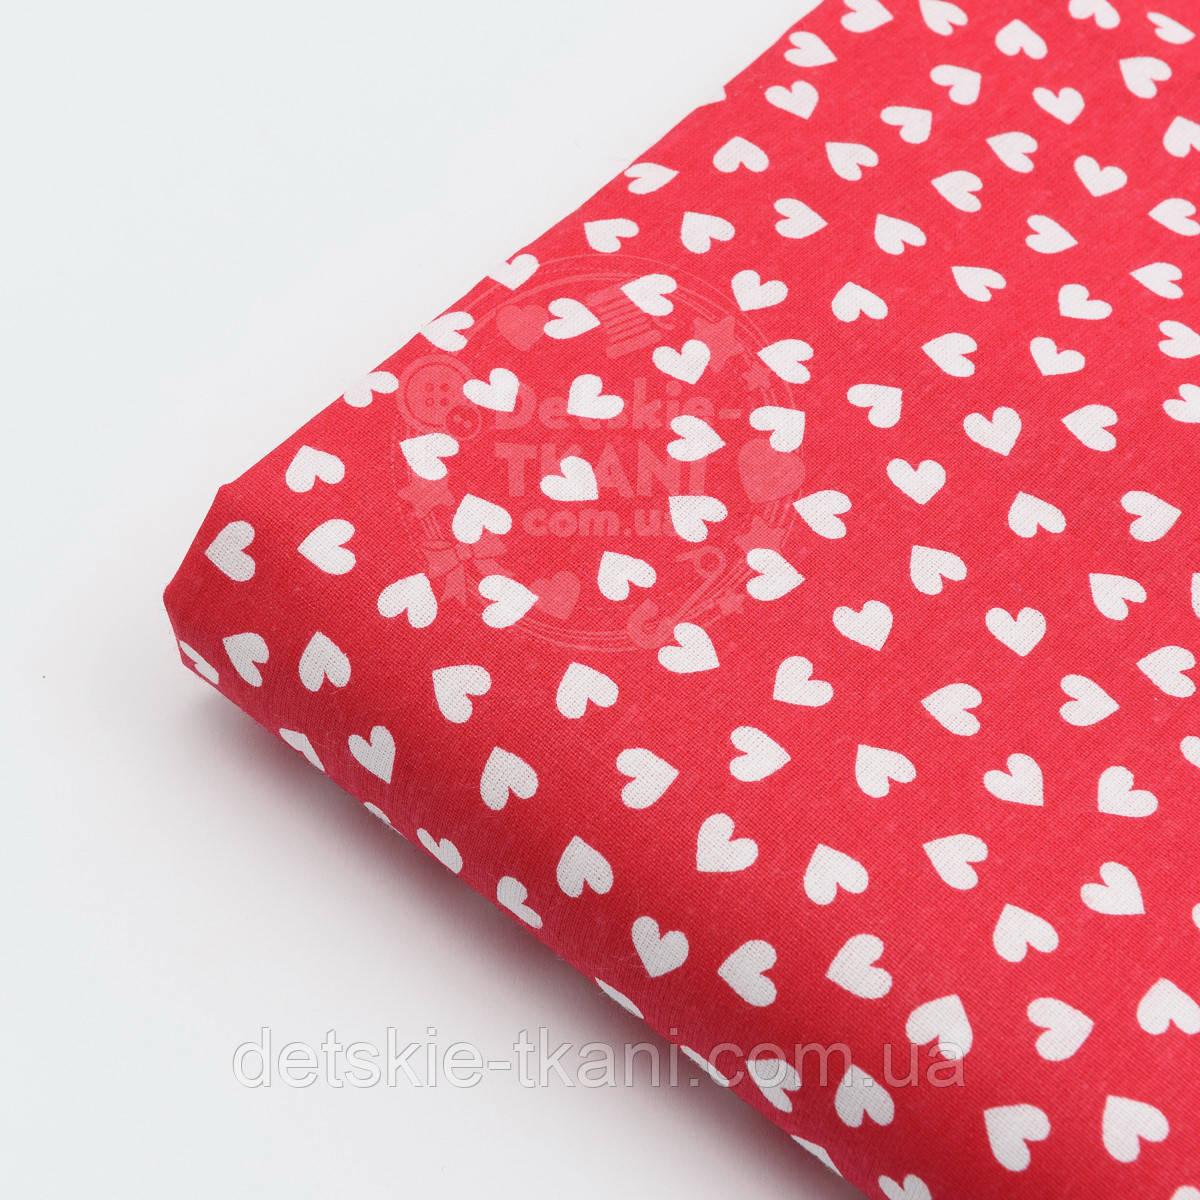 Лоскут ткани №139 бязь с белыми сердечками на красном фоне